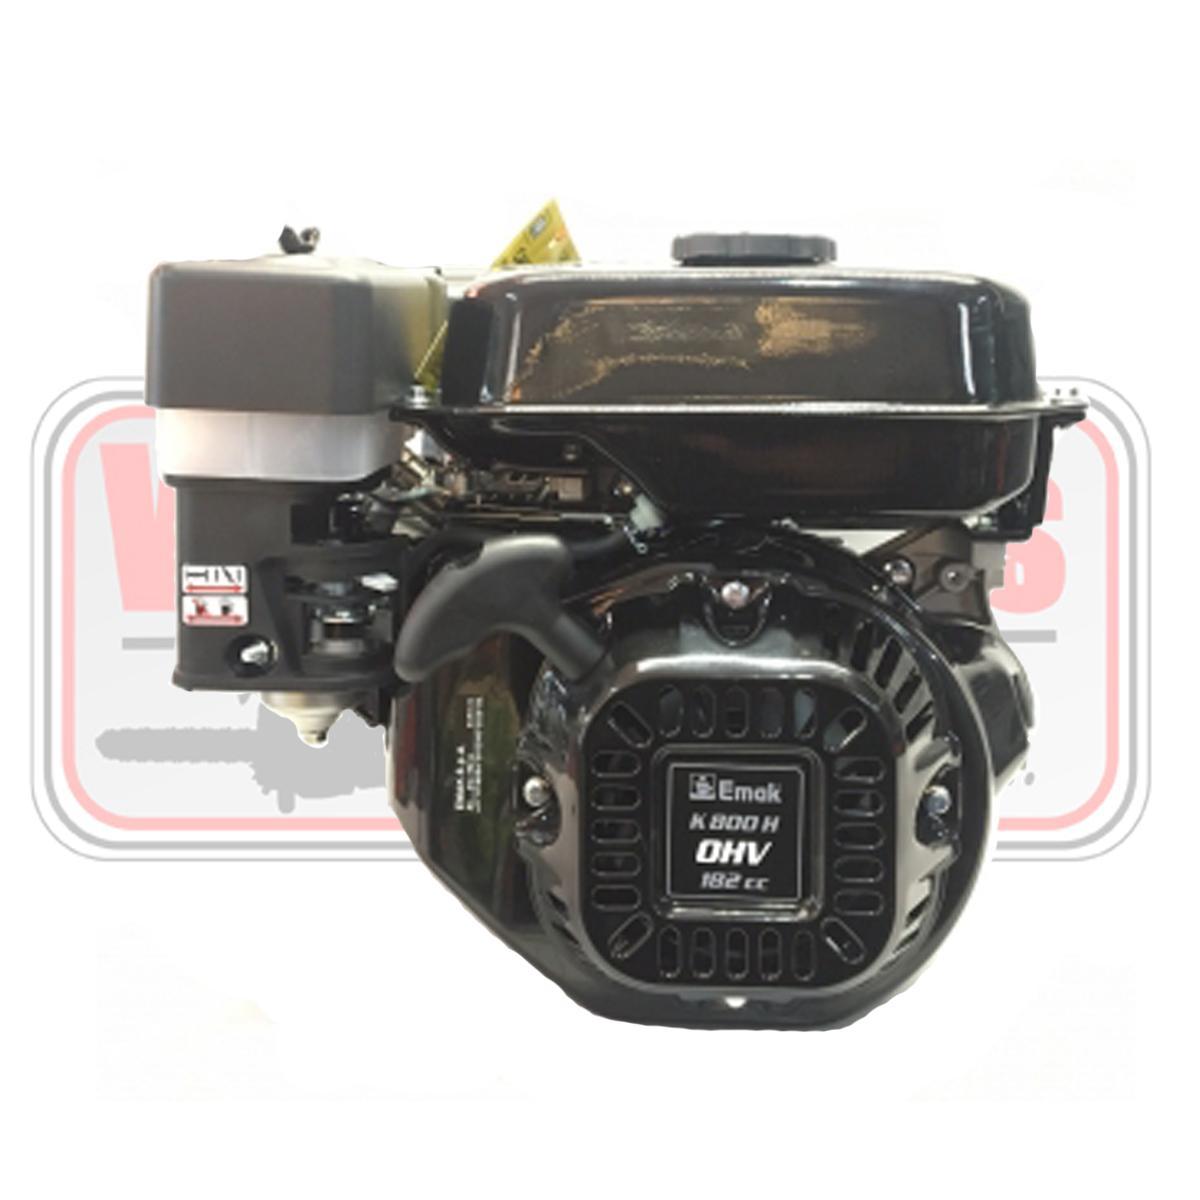 Motor Emak K 800 HC OHV motoazadas grupo Emak.